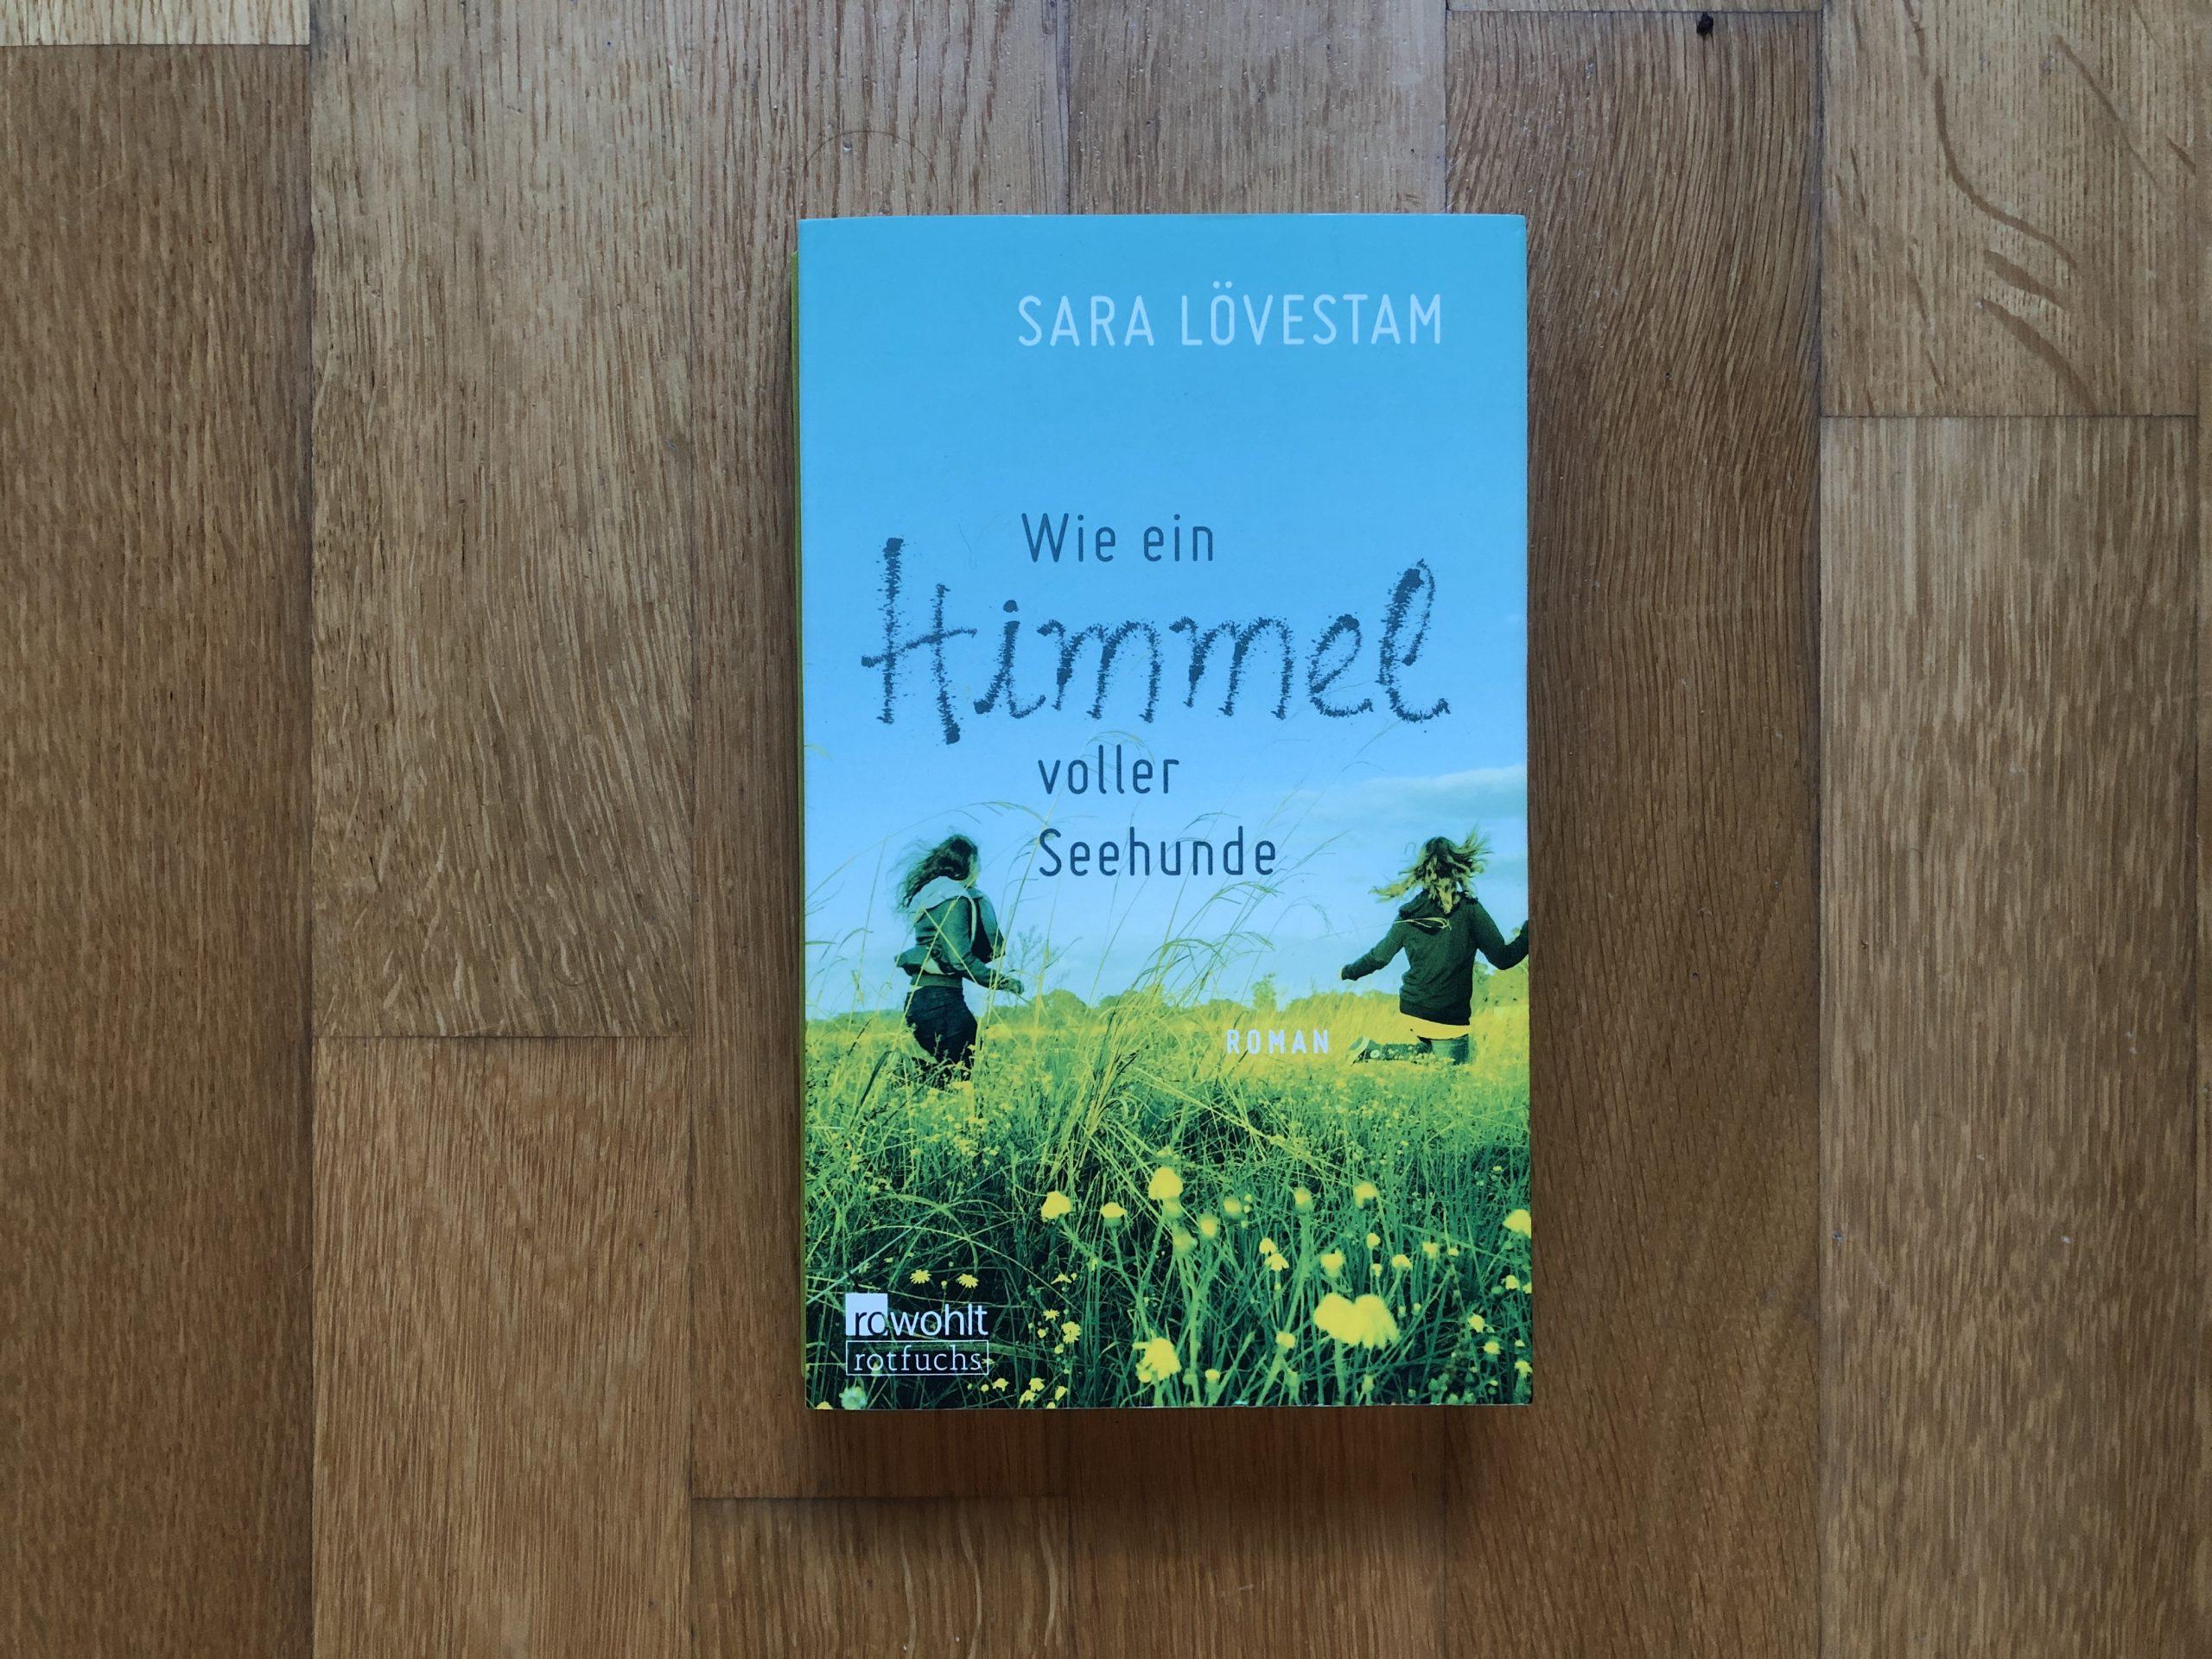 Sara Lövestam: Wie ein Himmel voller Seehunde